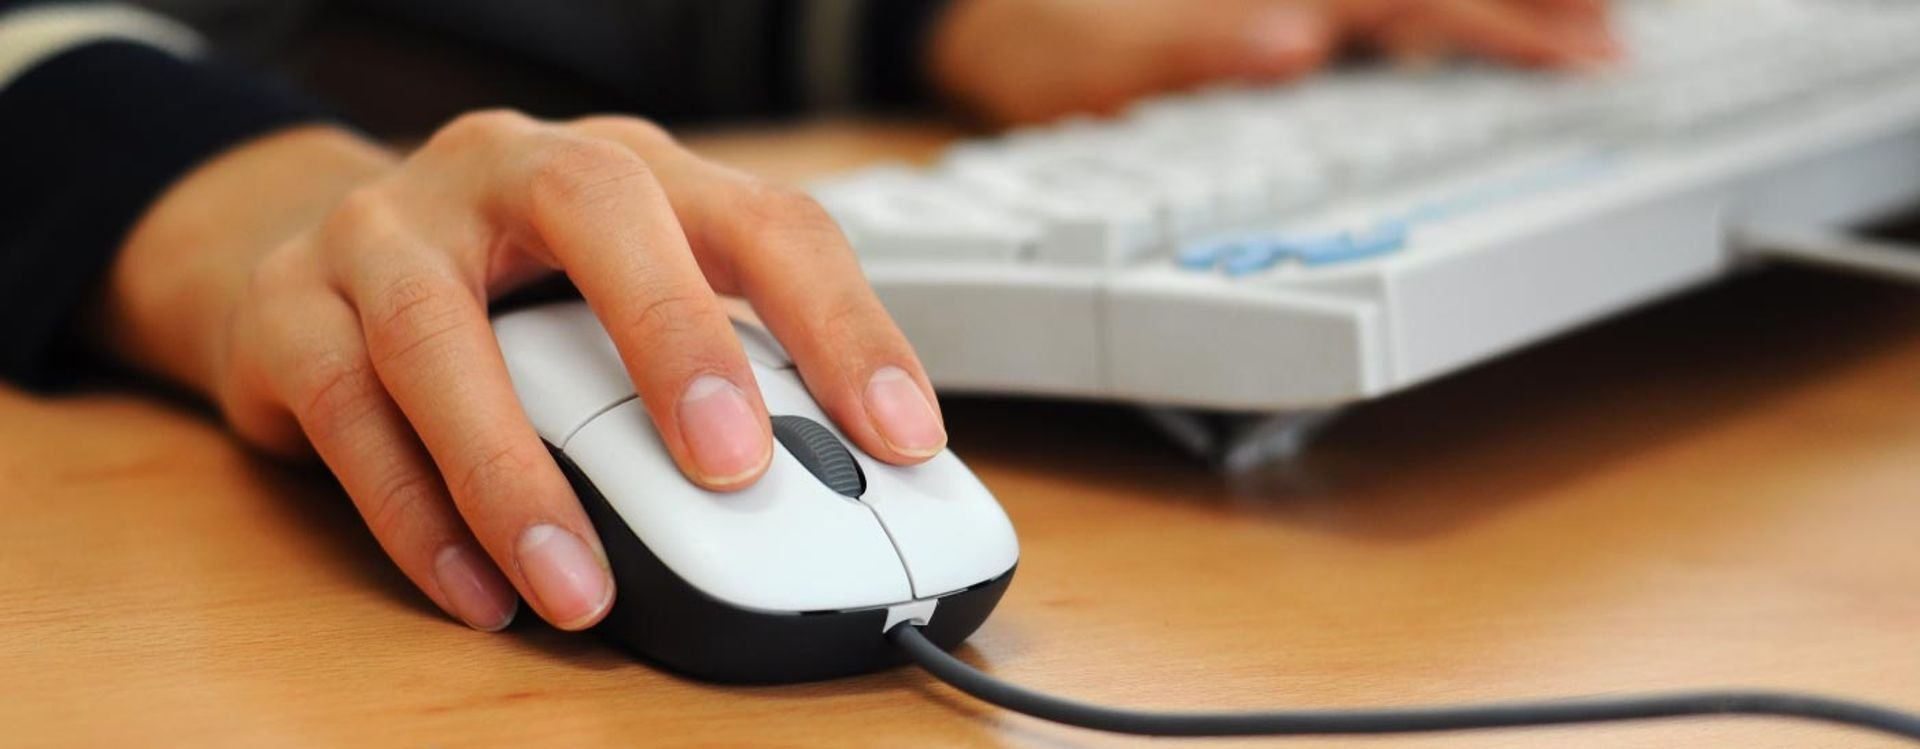 تعتبر الفأرة أحد أجهزة الإدخال المهمة في عالم الحواسيب، وبالتالي فإن اختيار أحدها أمر يجب أن يخضع للفحص